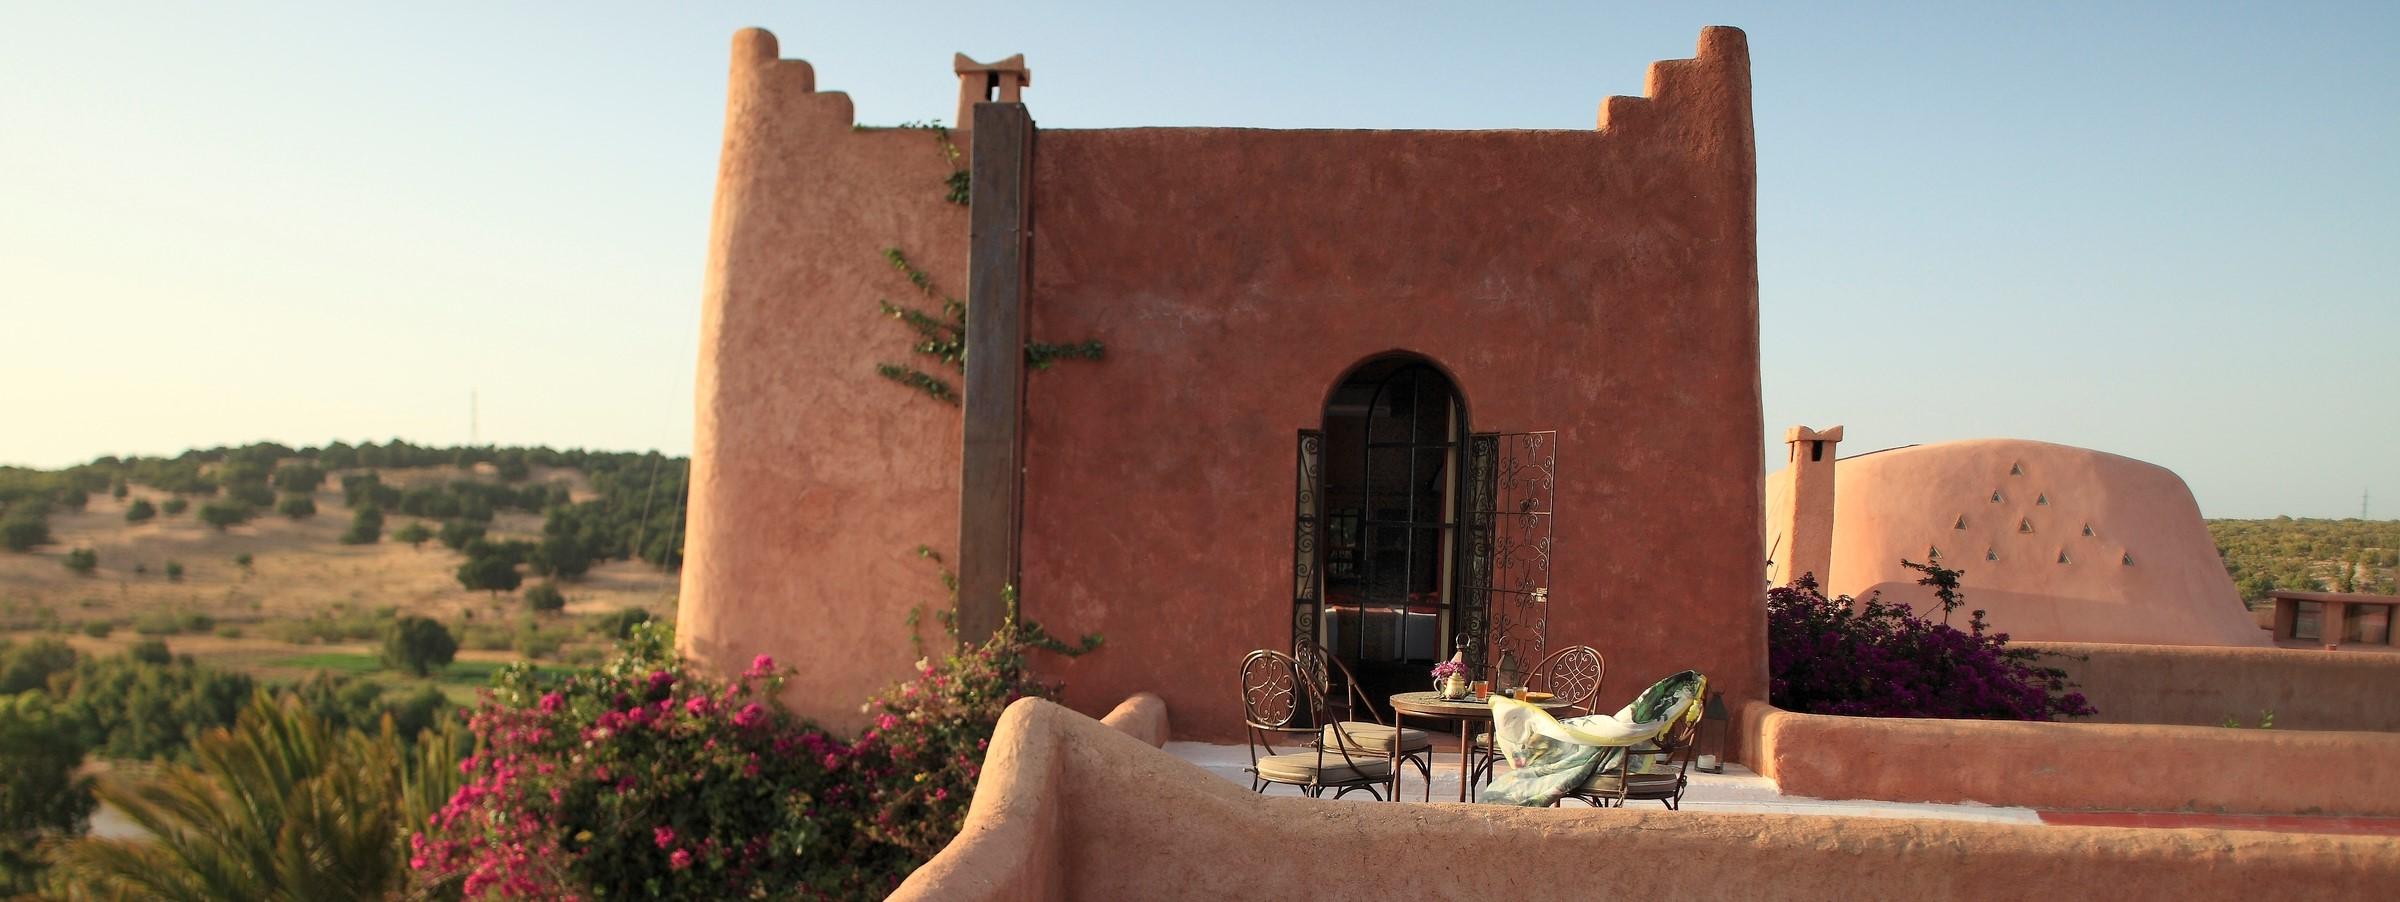 le-jardins-des-douars-roof-terrace